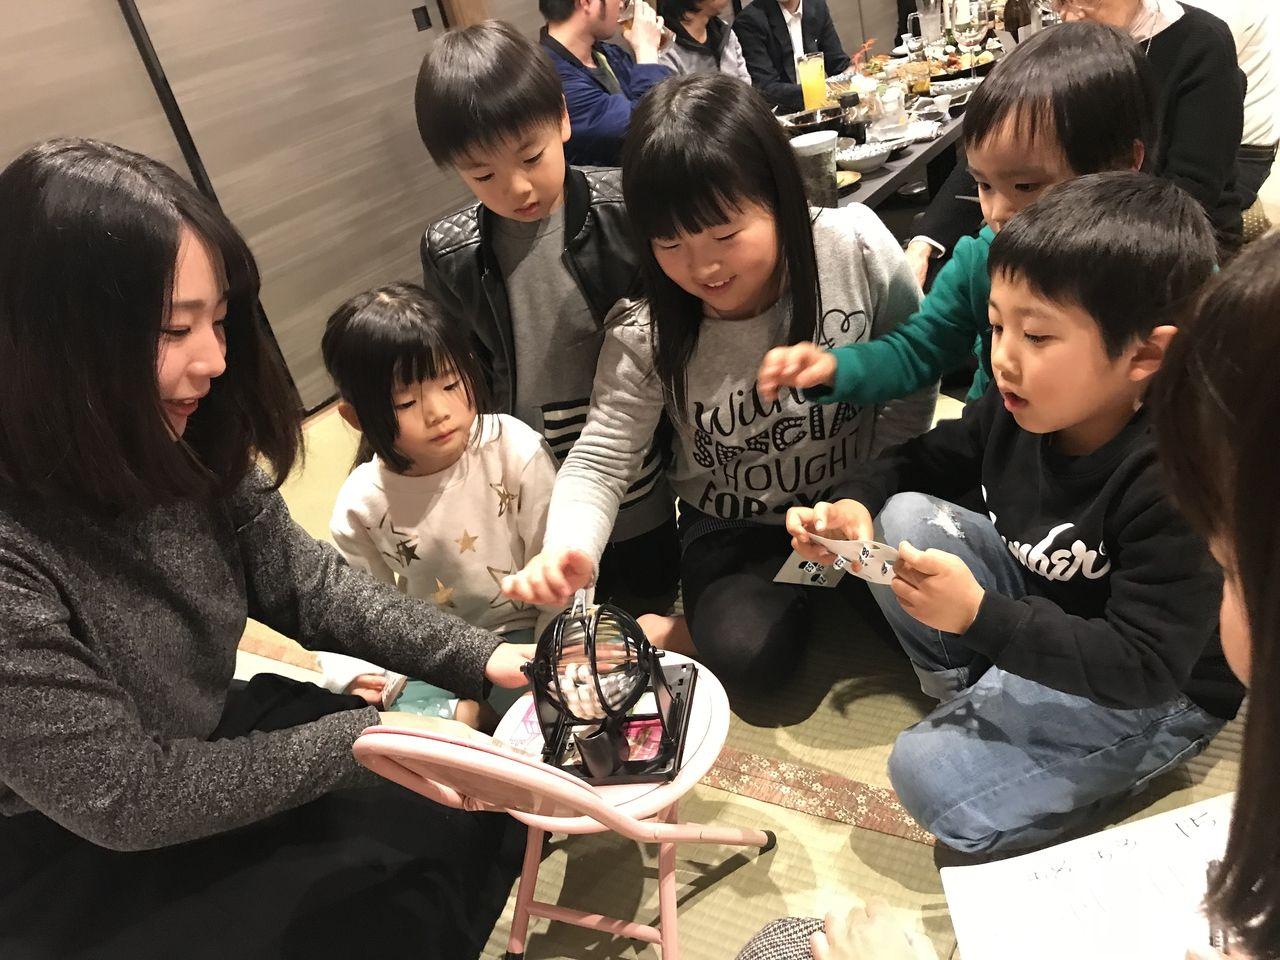 子ども達も大盛り上がりのビンゴゲーム大会